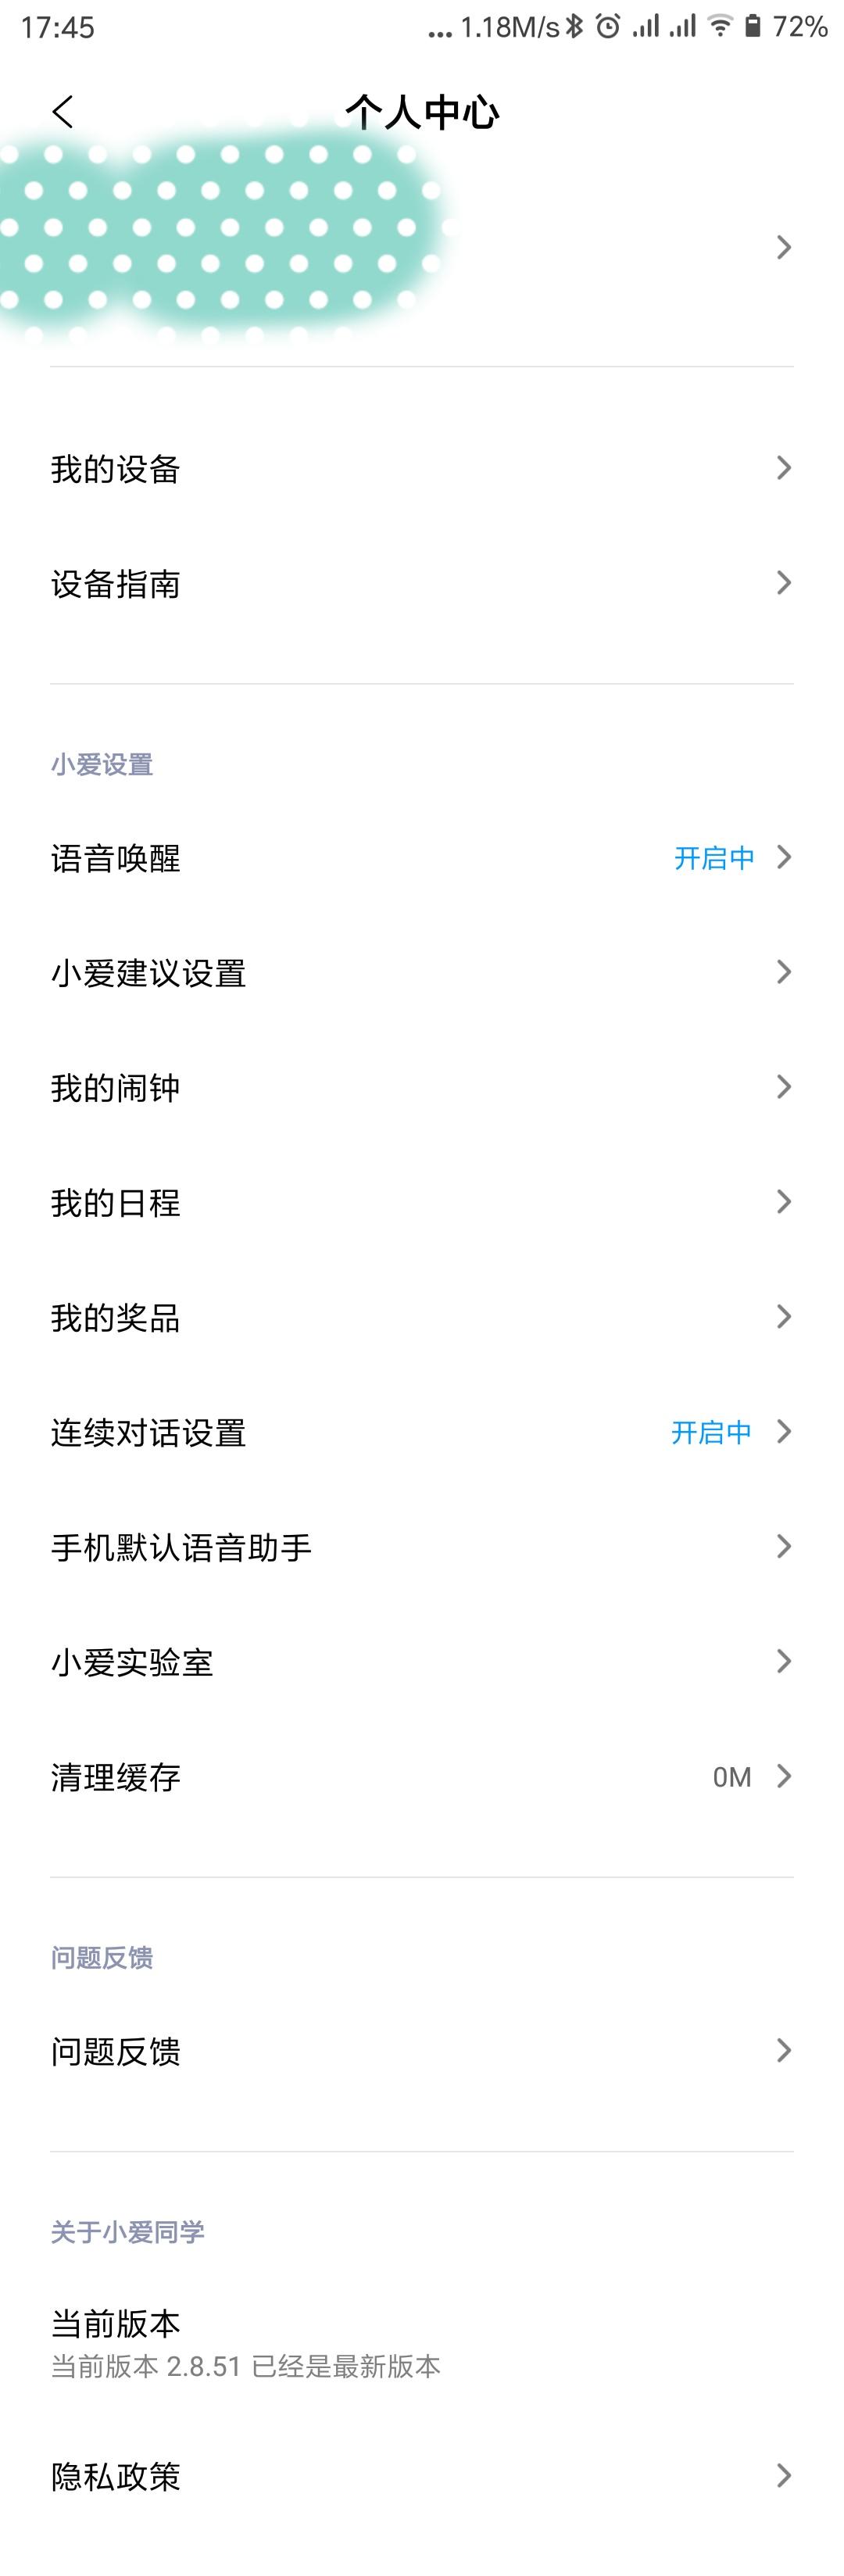 Screenshot_2020-05-16-17-45-11-206_com.xiaomi.xiaoailite.png